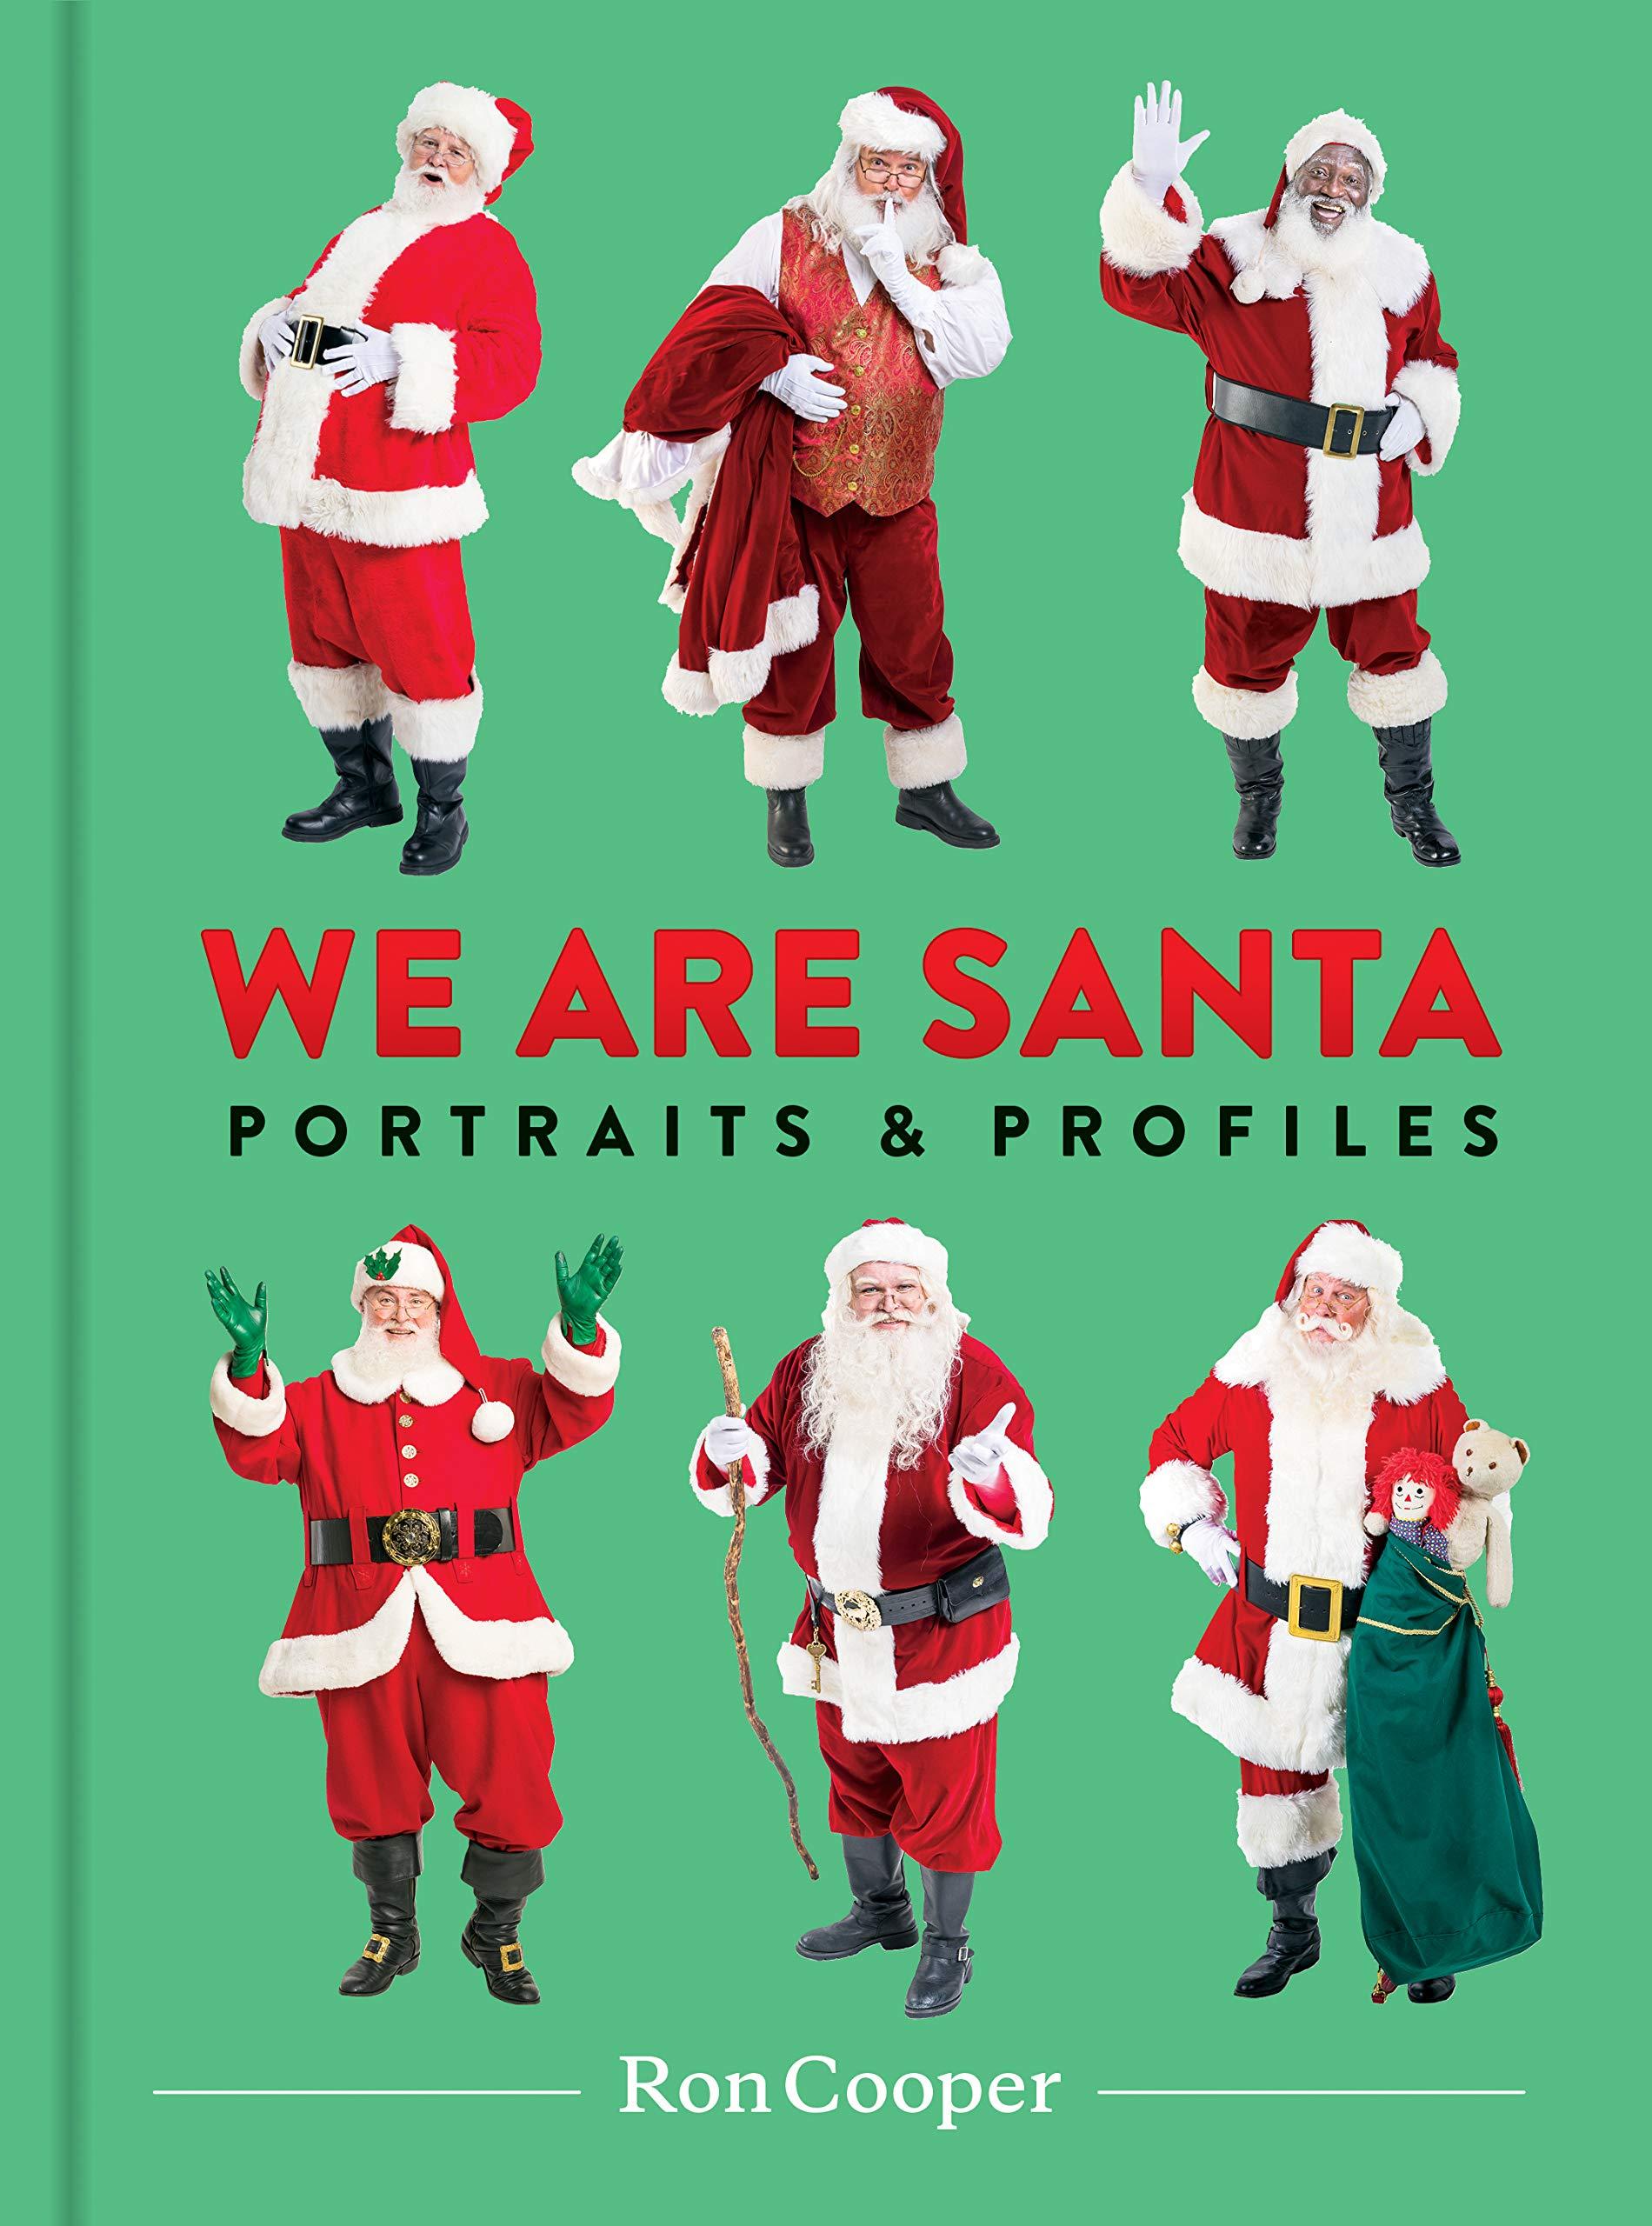 Amazon.com: We Are Santa: Portraits and Profiles (9781616899653): Cooper,  Ron: Books